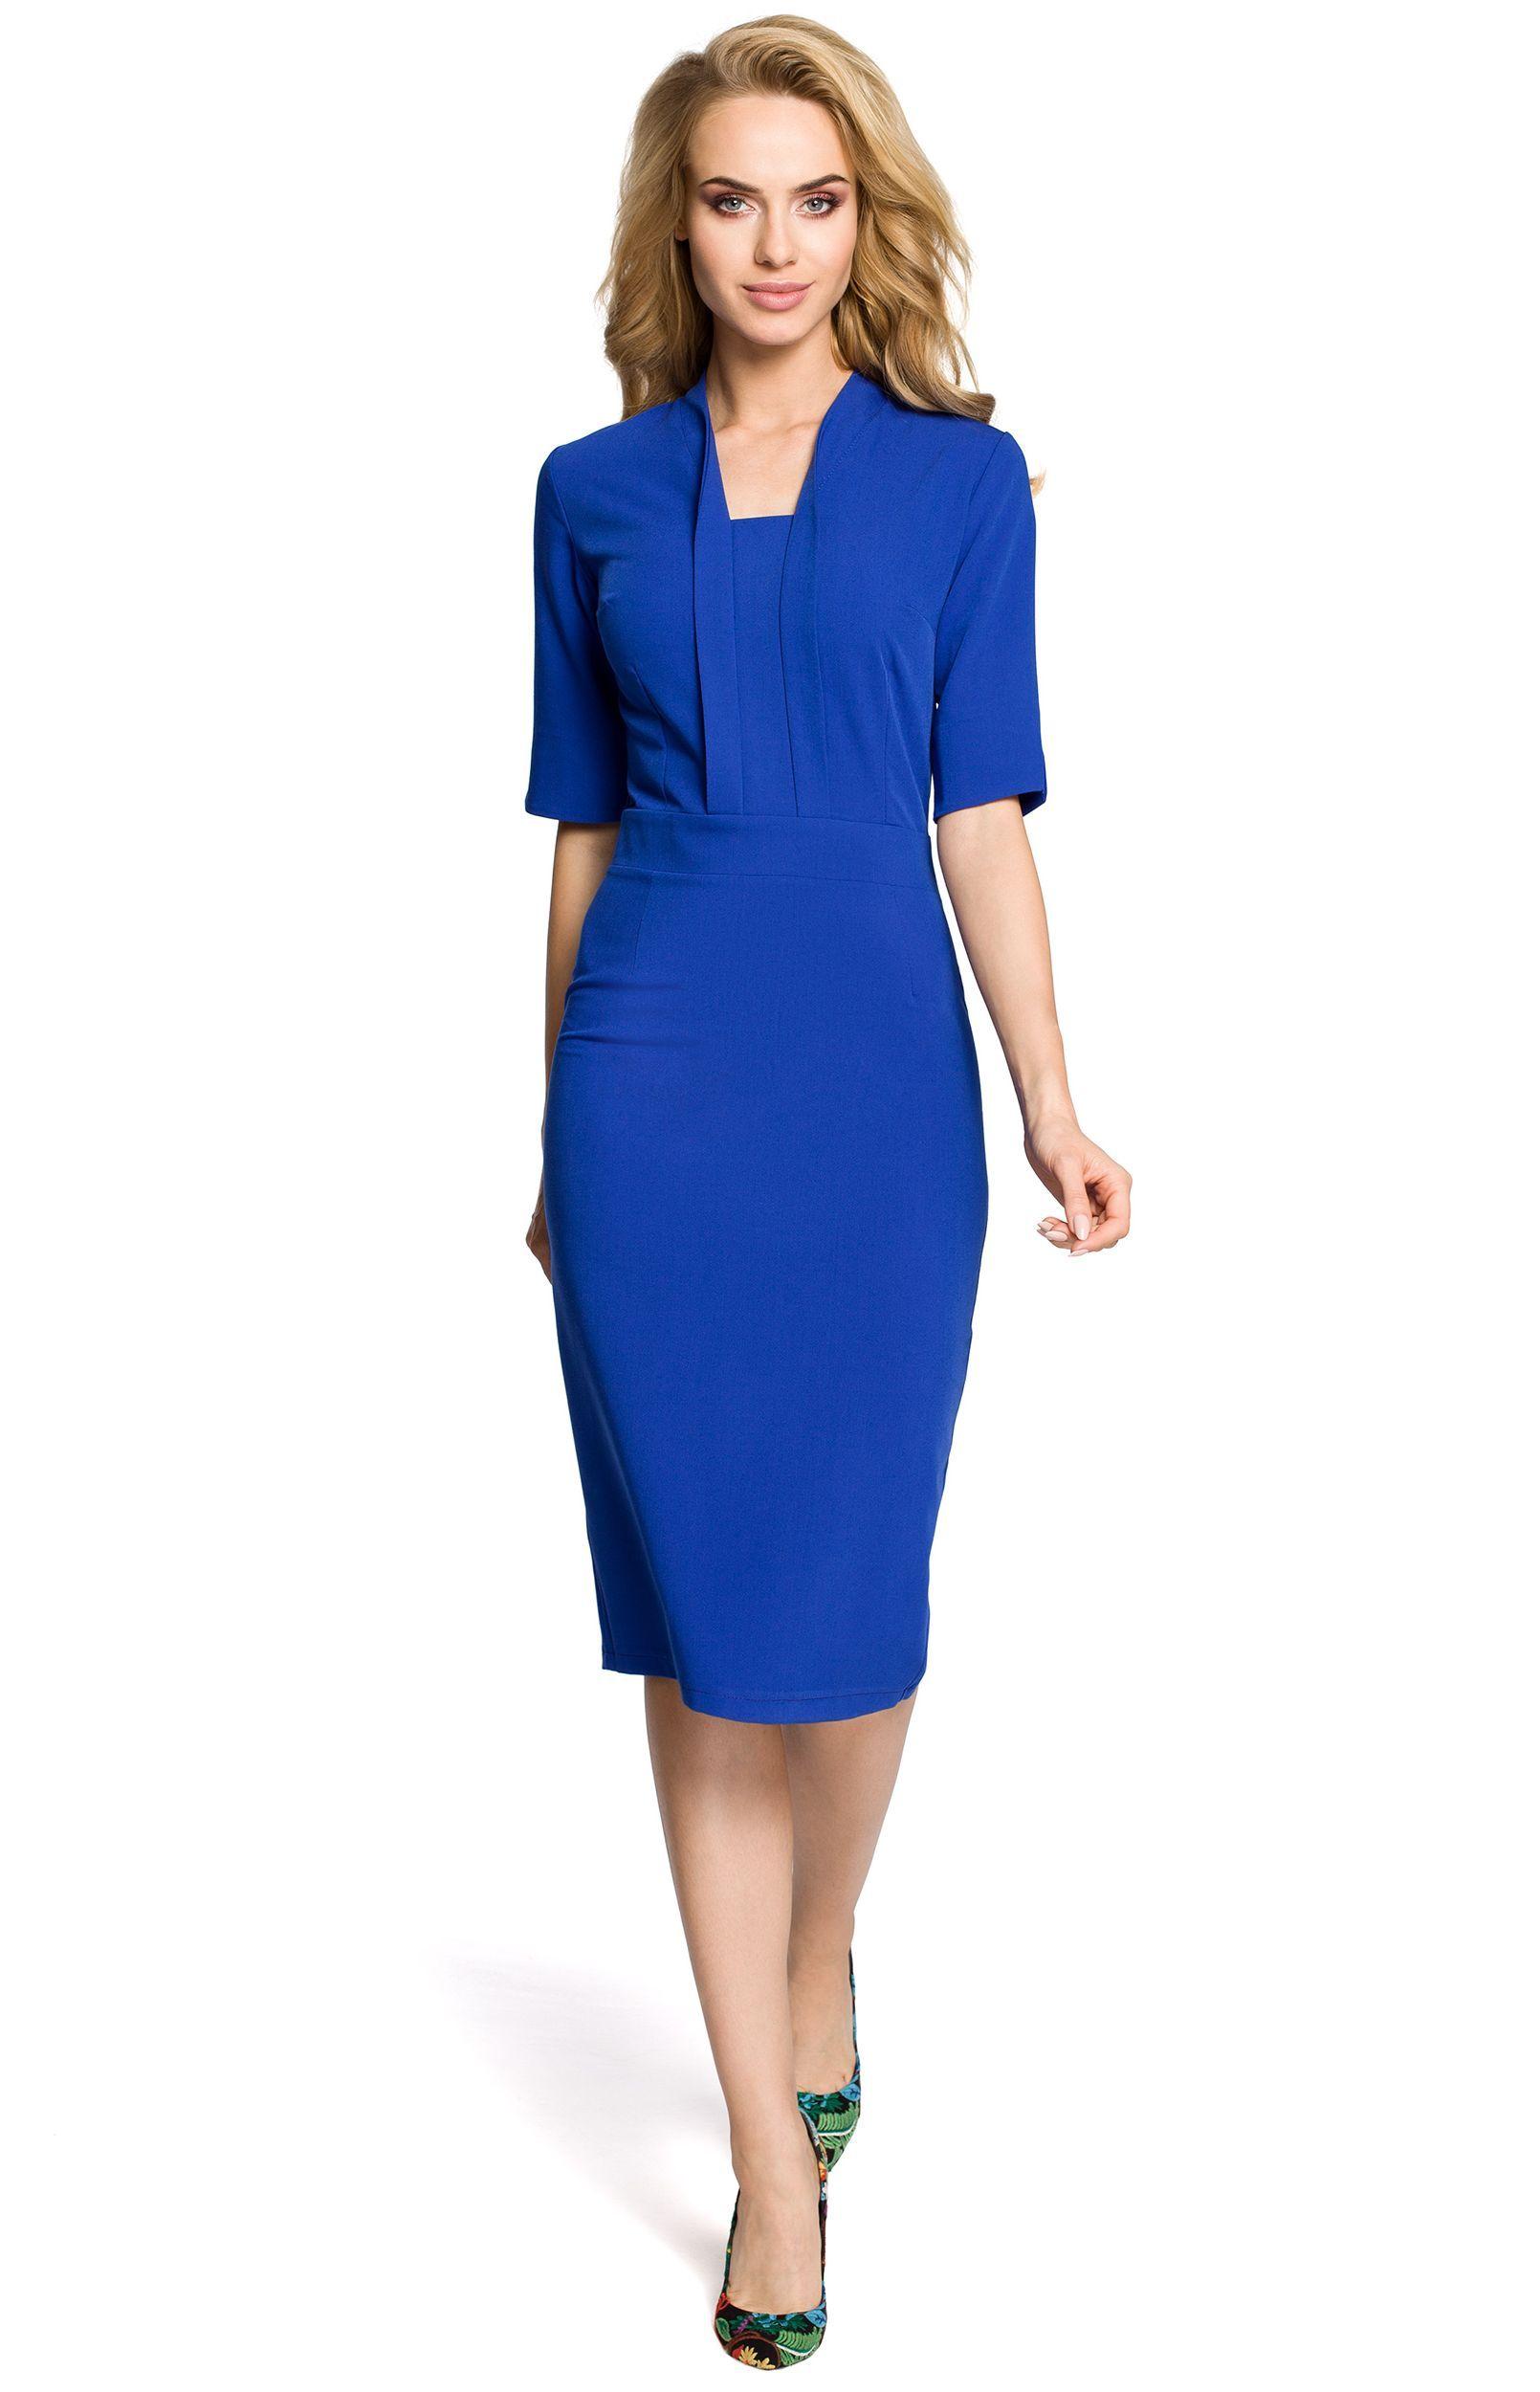 002020f2653 Robe+fourreau+bleue+col+châle+avec+petites+manches.